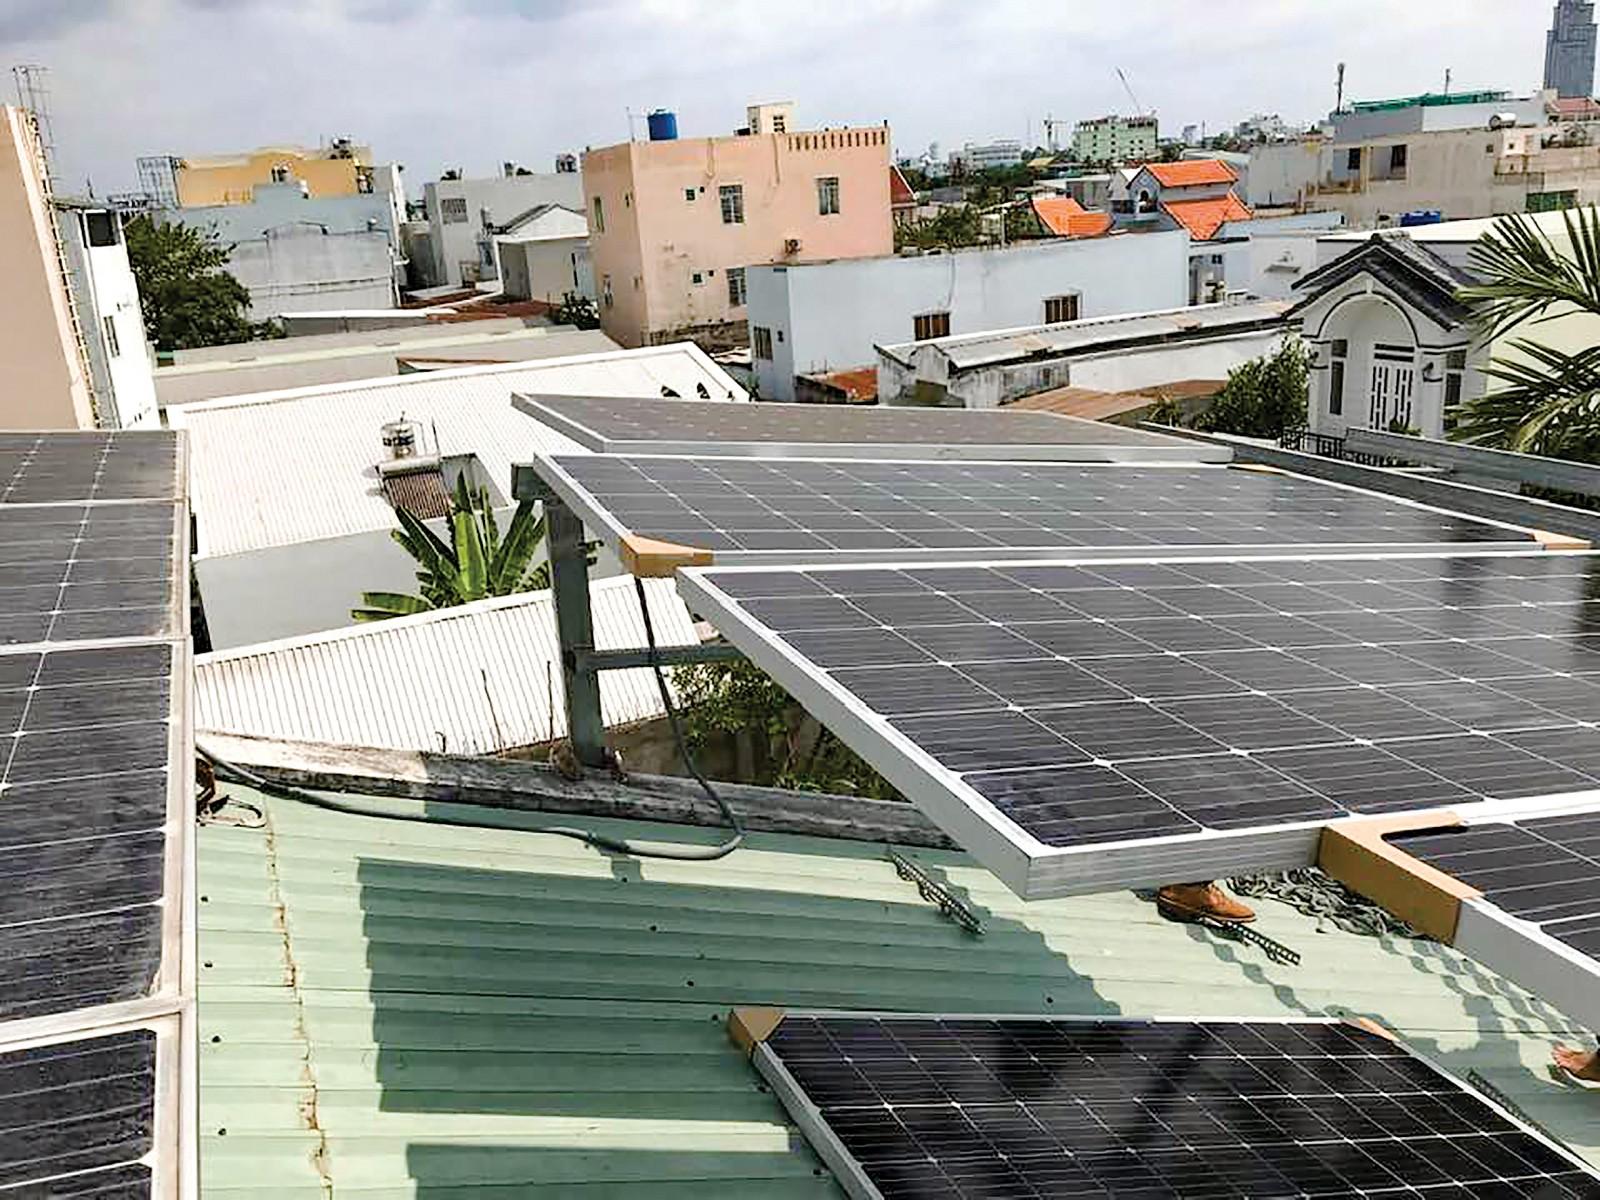 Người dân ĐBSCL bắt đầu sử dụng năng lượng tái tạo cho sinh hoạt, thắp sáng, góp phần bảo vệ môi trường, thích ứng biến đổi khí hậu. Trong ảnh: Hệ thống pin năng lượng mặt trời được lắp đặt trên mái nhà hộ dân. Ảnh: V.T